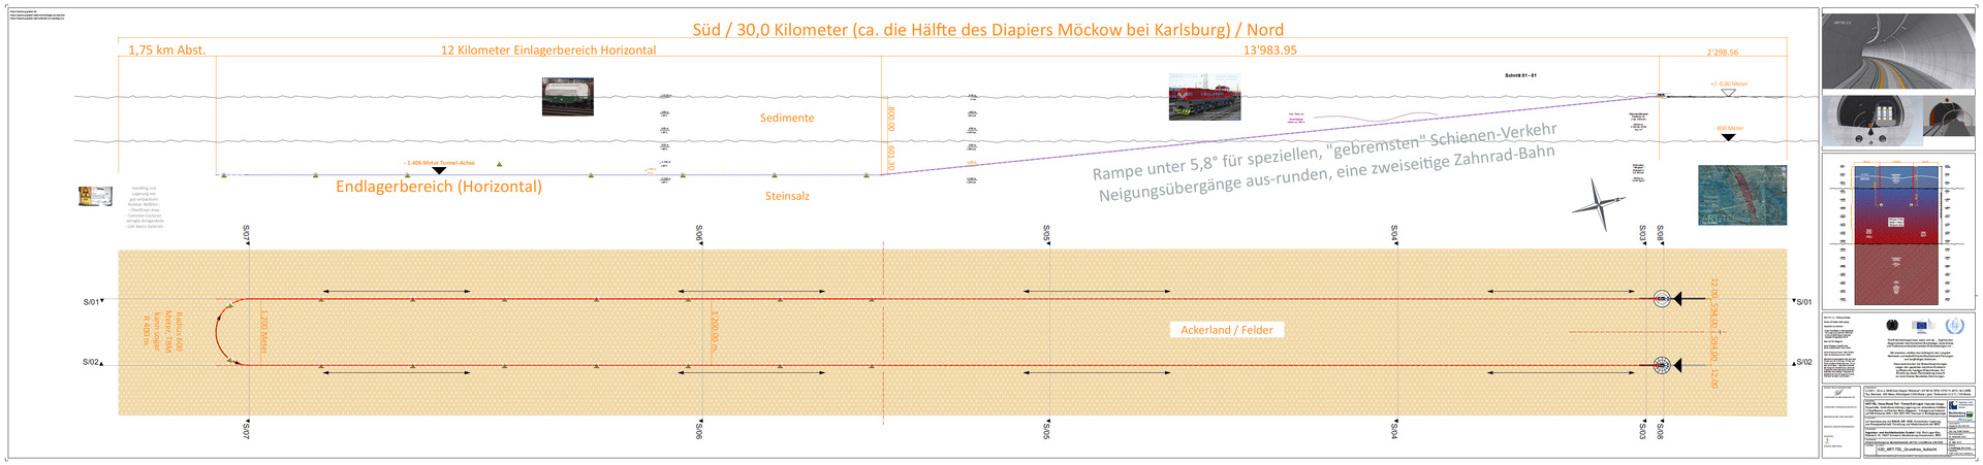 20_020_ART-TEL_1.3_Grundriss_Aufsicht_Ing_Goebel_BGE_GmbH_Peine_BFE_Berlin